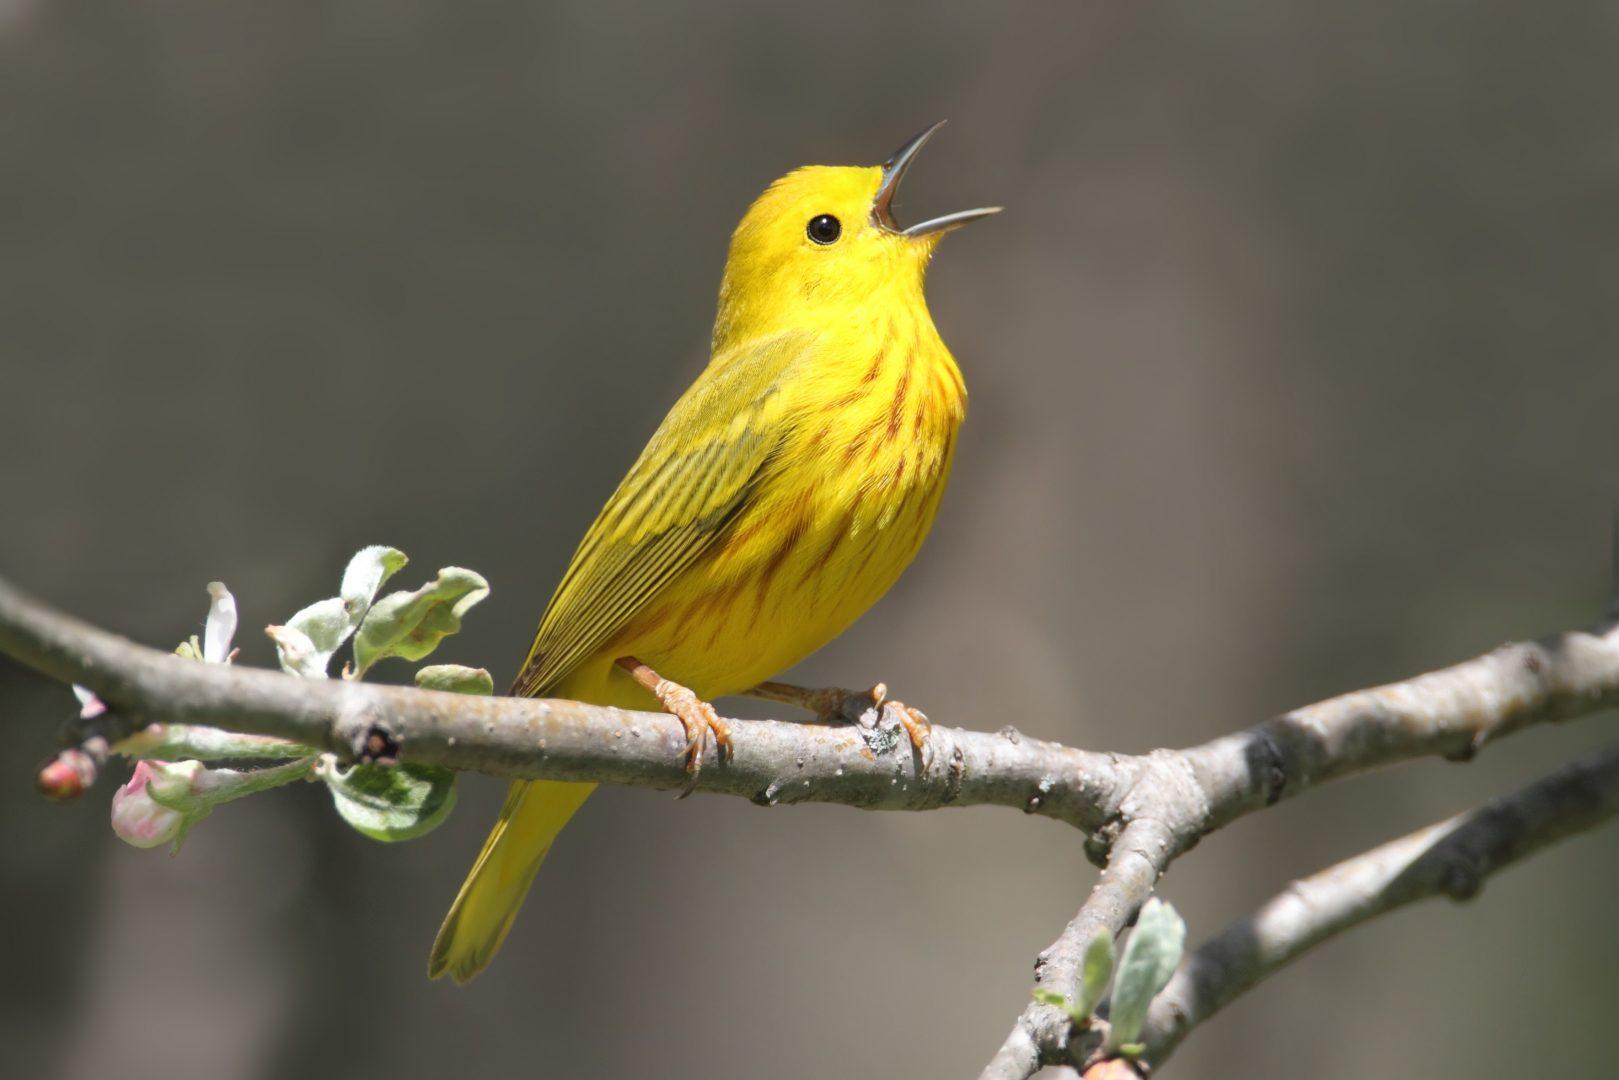 singing yellow warbler on branch